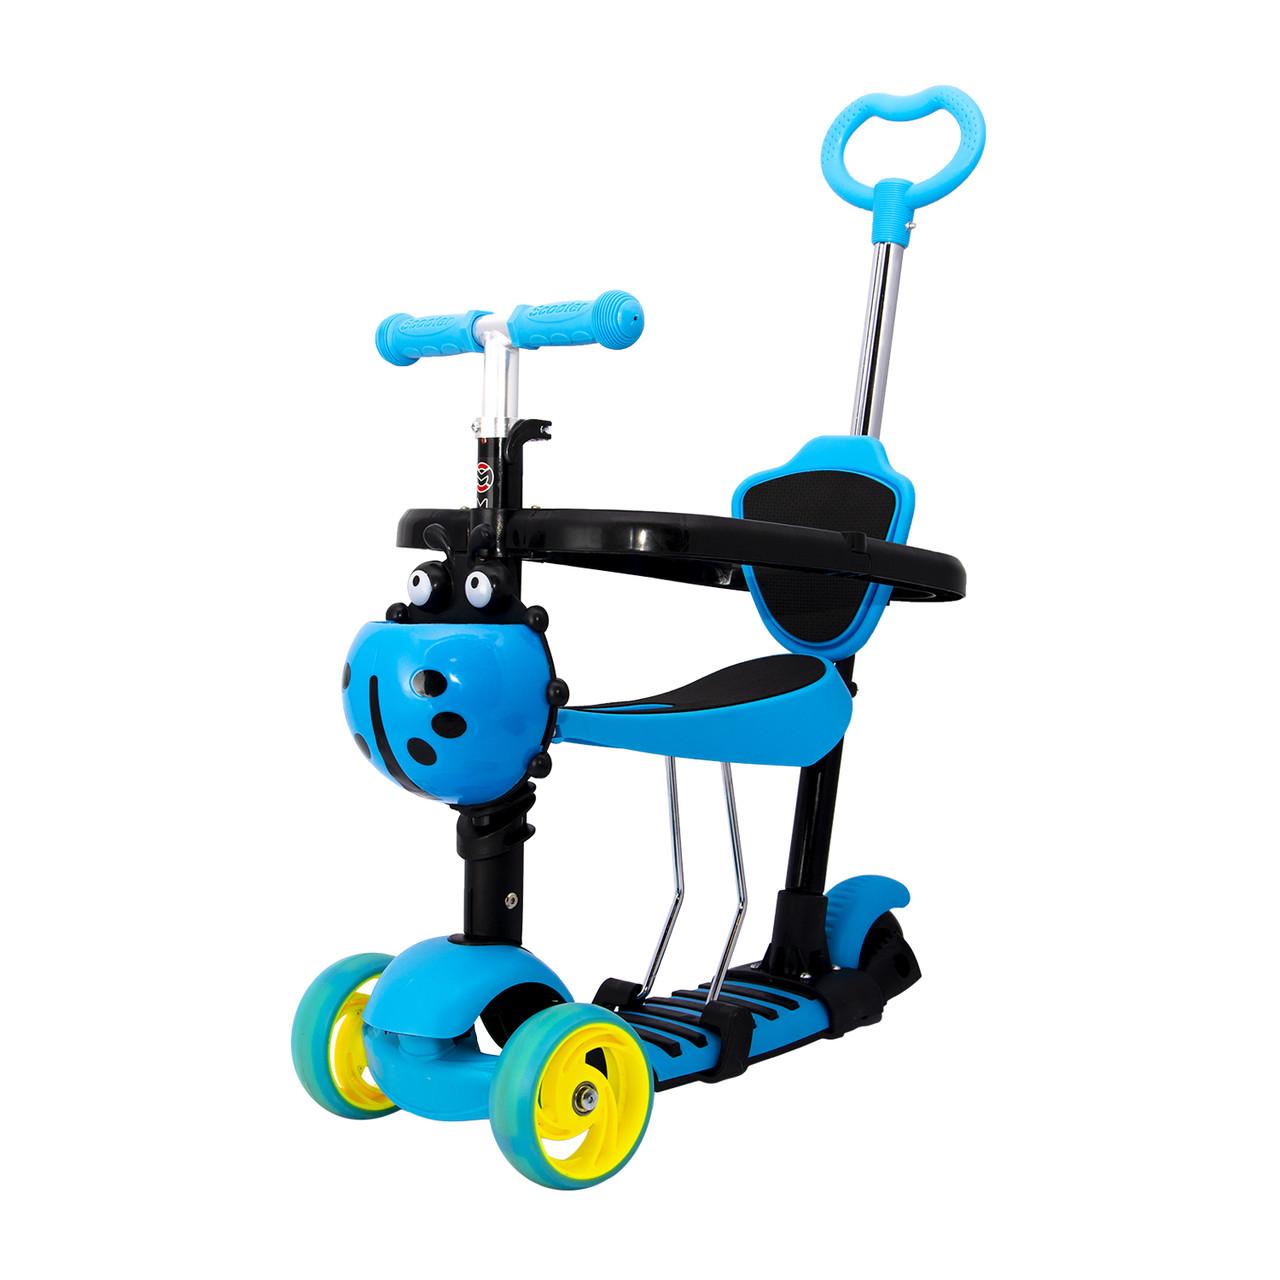 Детский самокат-беговел Maraton Onix Plus трехколесный с корзиной и родительской ручкой (голубой)